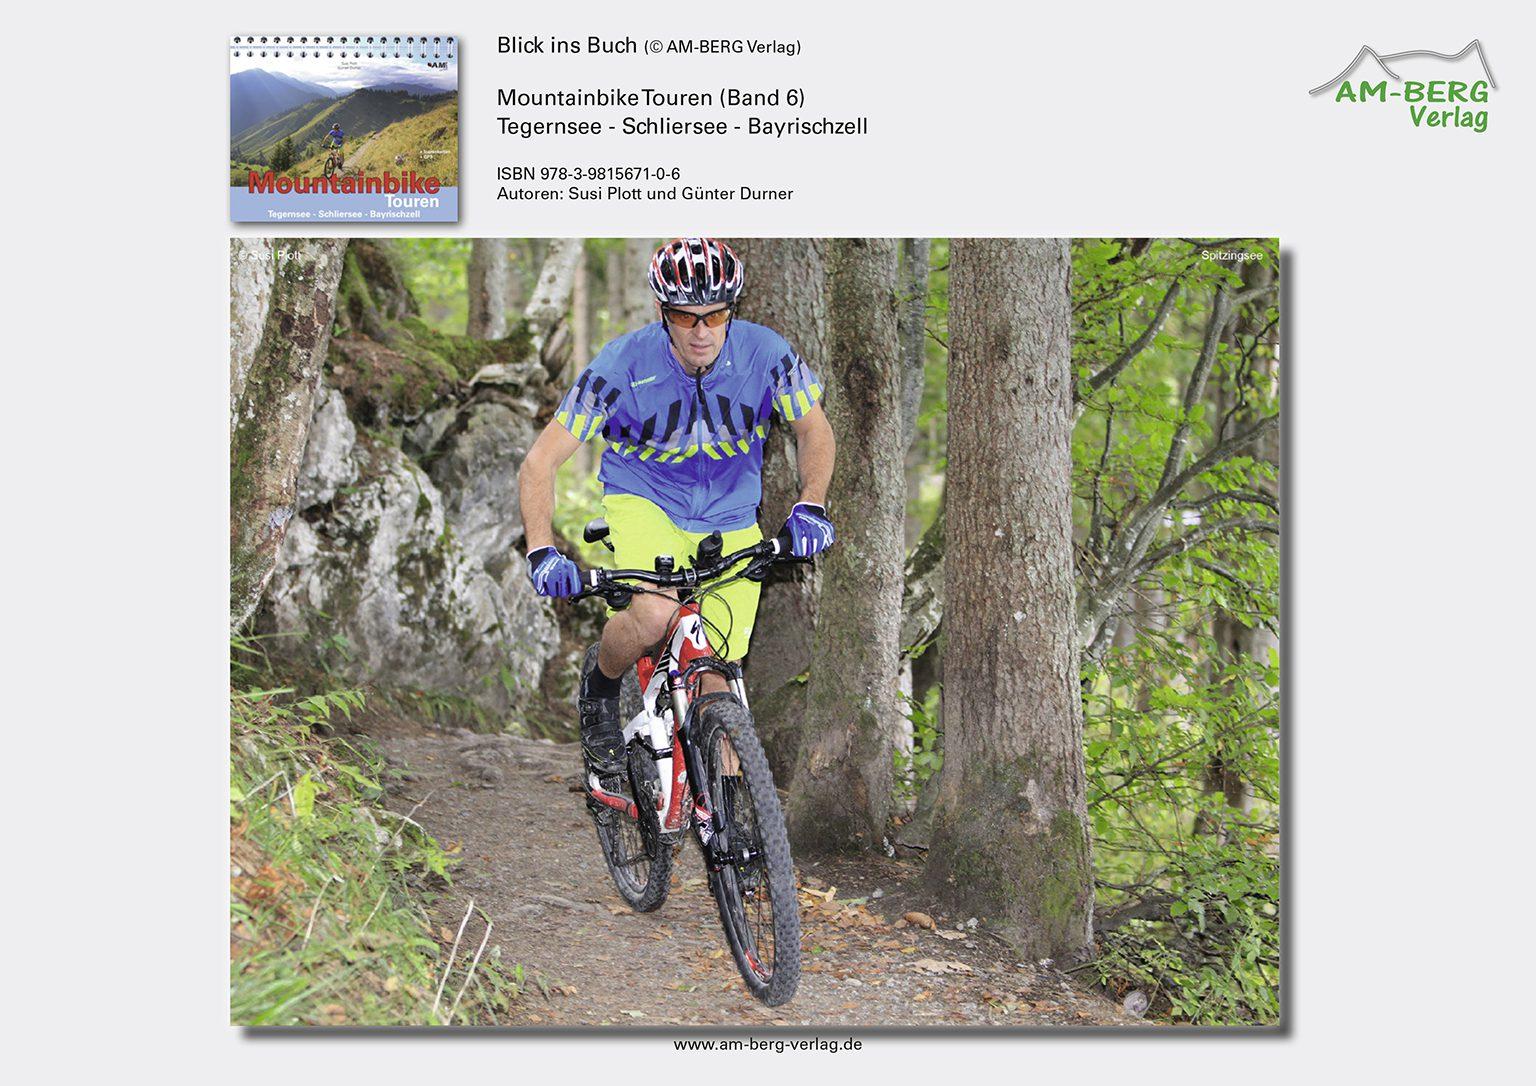 Mountainbike Touren Tegernsee-Schliersee-Bayrischzell (Band 6)_BlickinsBuch4